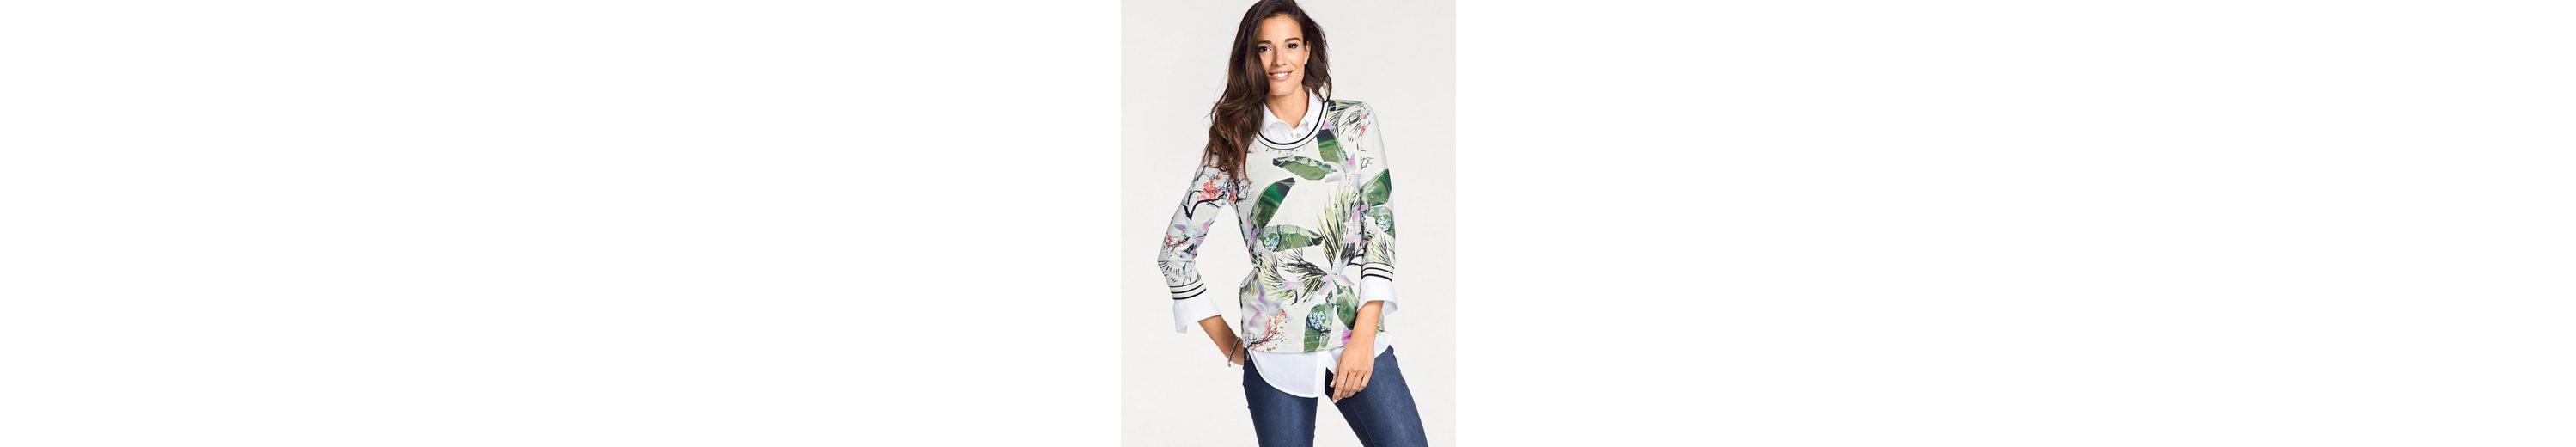 4 3 Sweatshirt by 3 PATRIZIA DINI DINI Heine PATRIZIA Heine by Sweatshirt Arm 4 1qF7fnCw